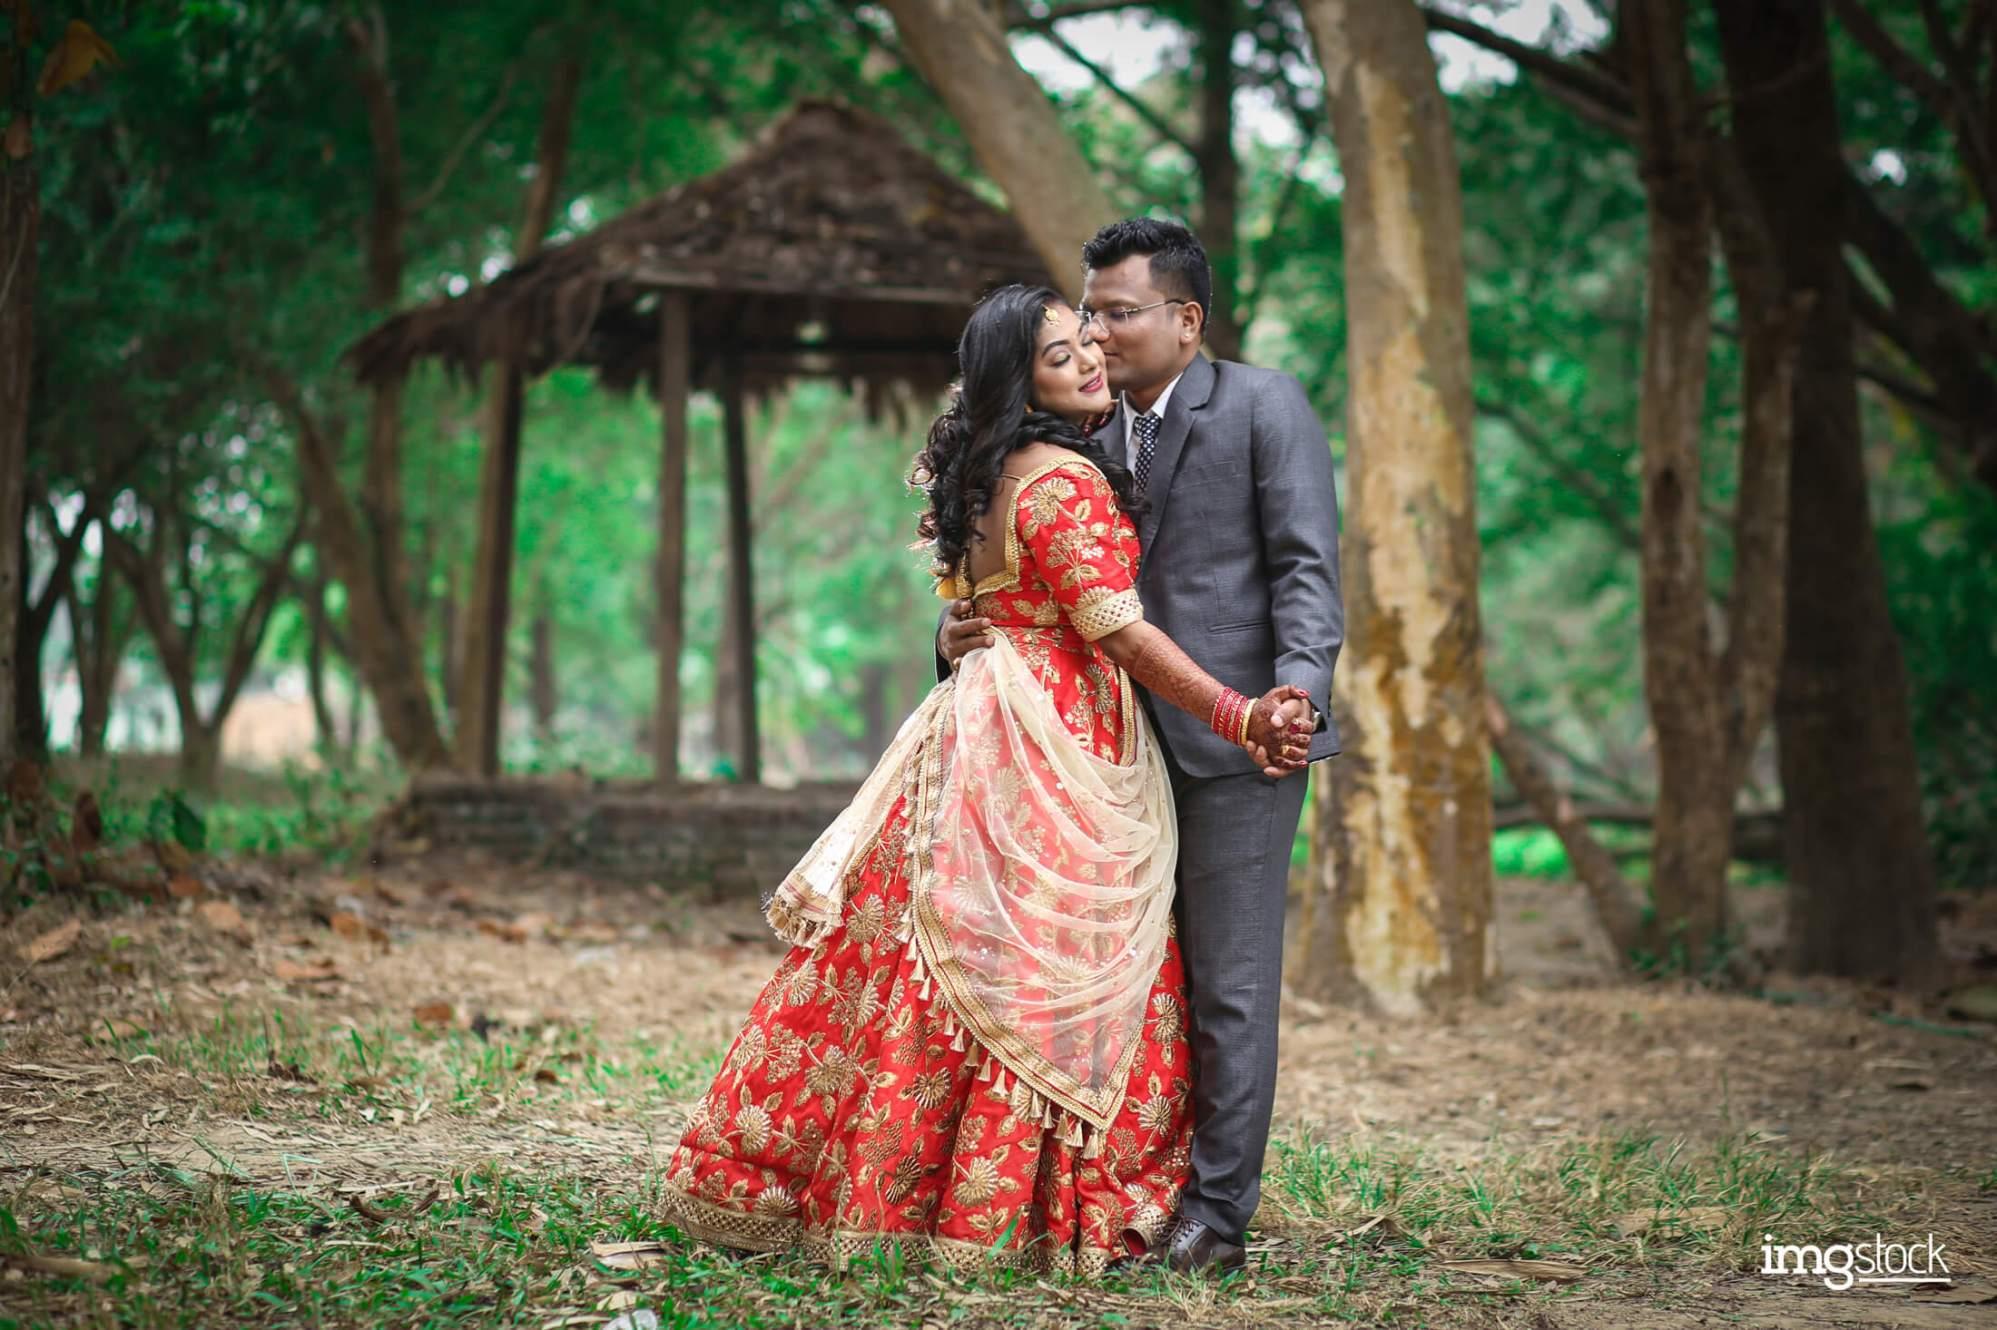 Post Wedding Photography - ImgStock, Brt